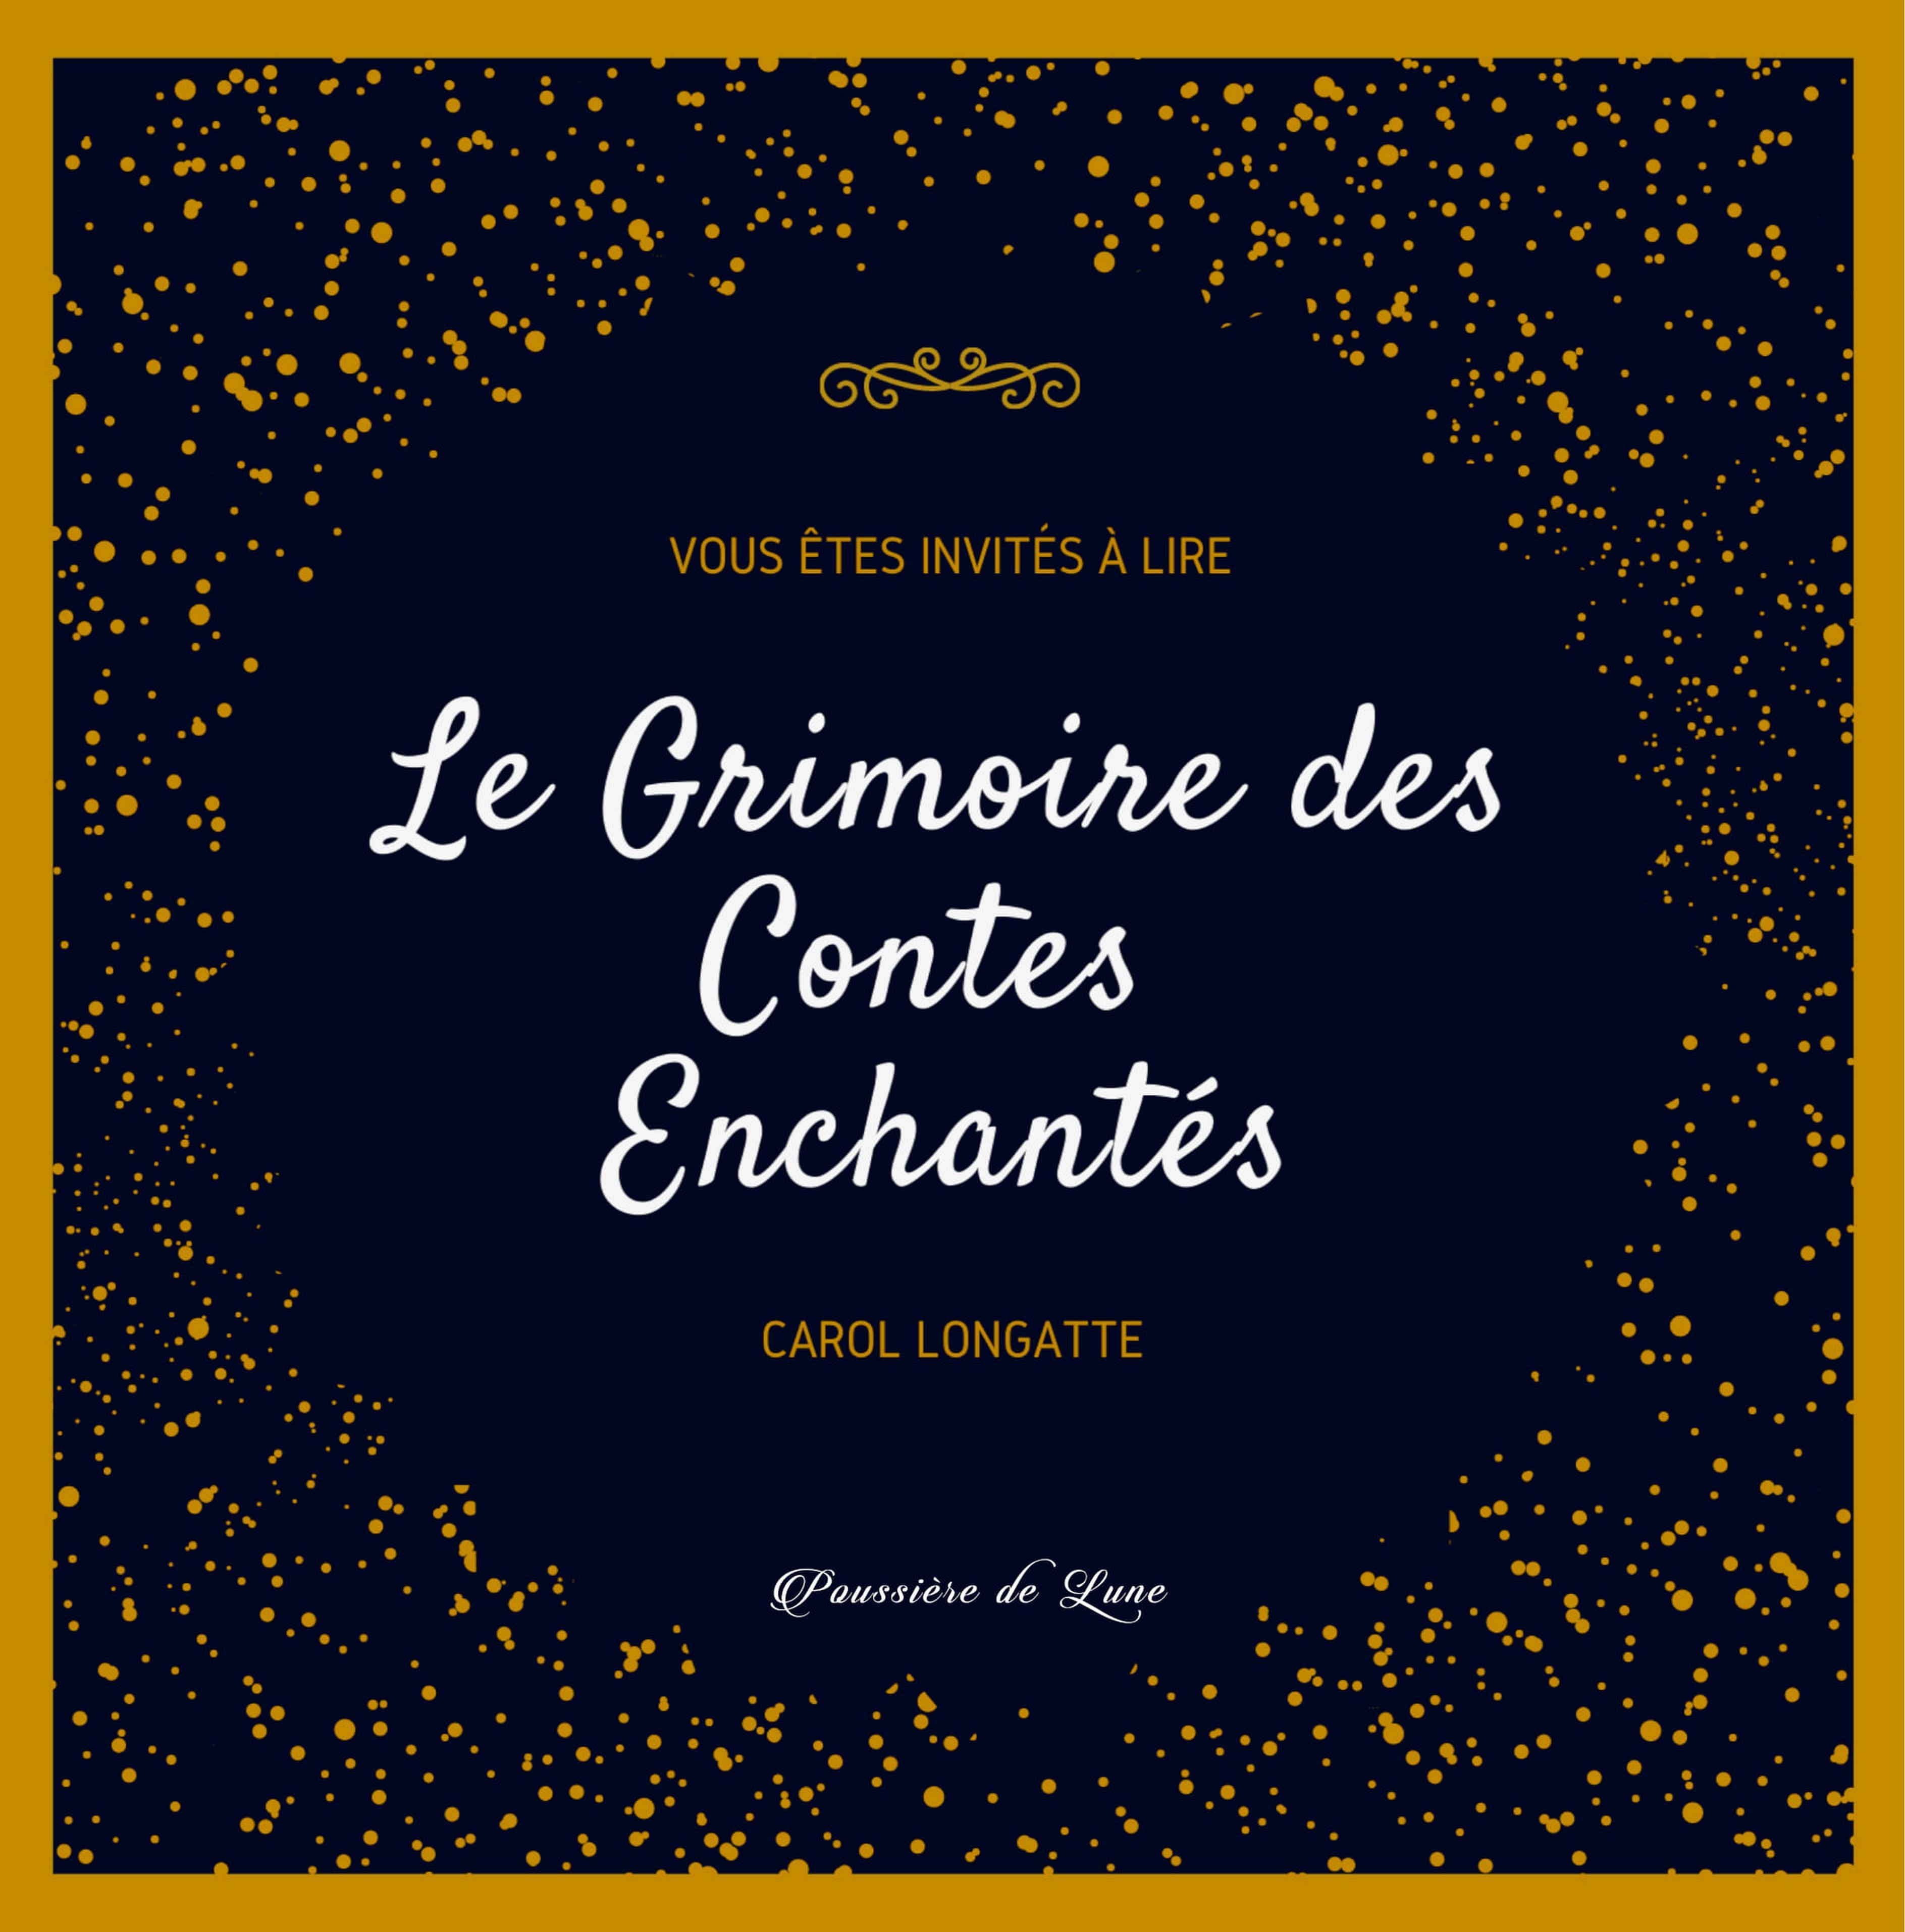 Le Grimoire des Contes Enchantés